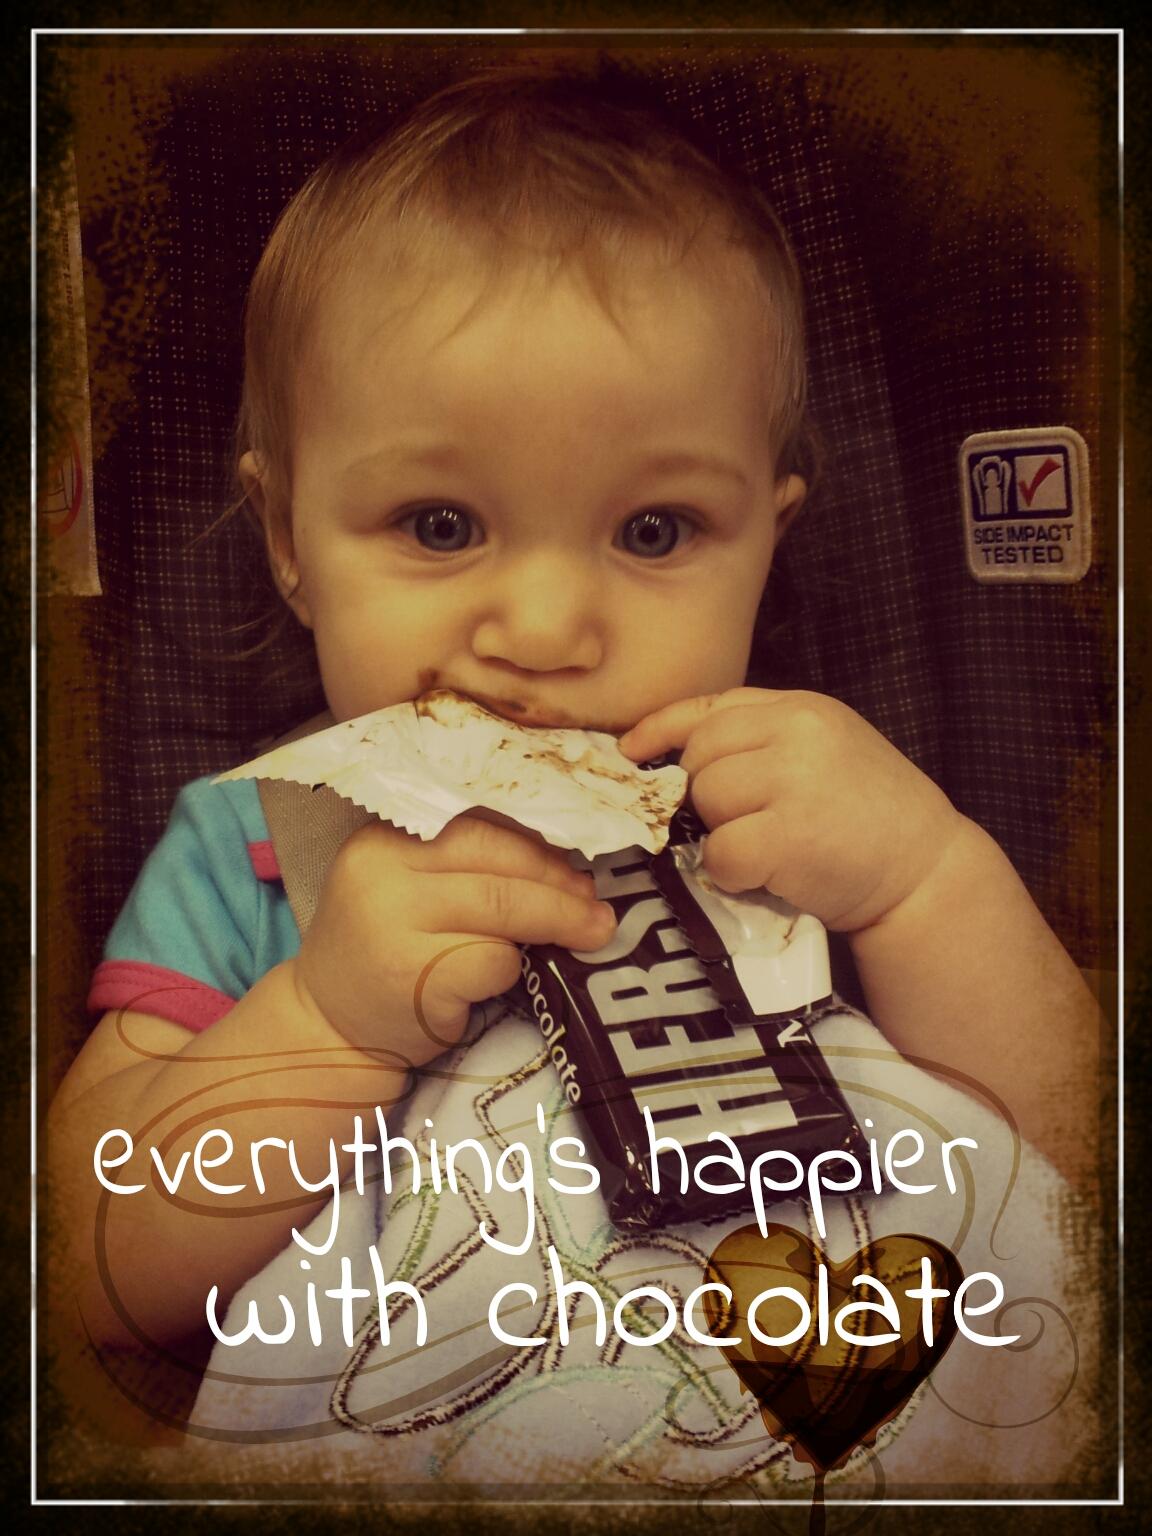 chocolate ad design